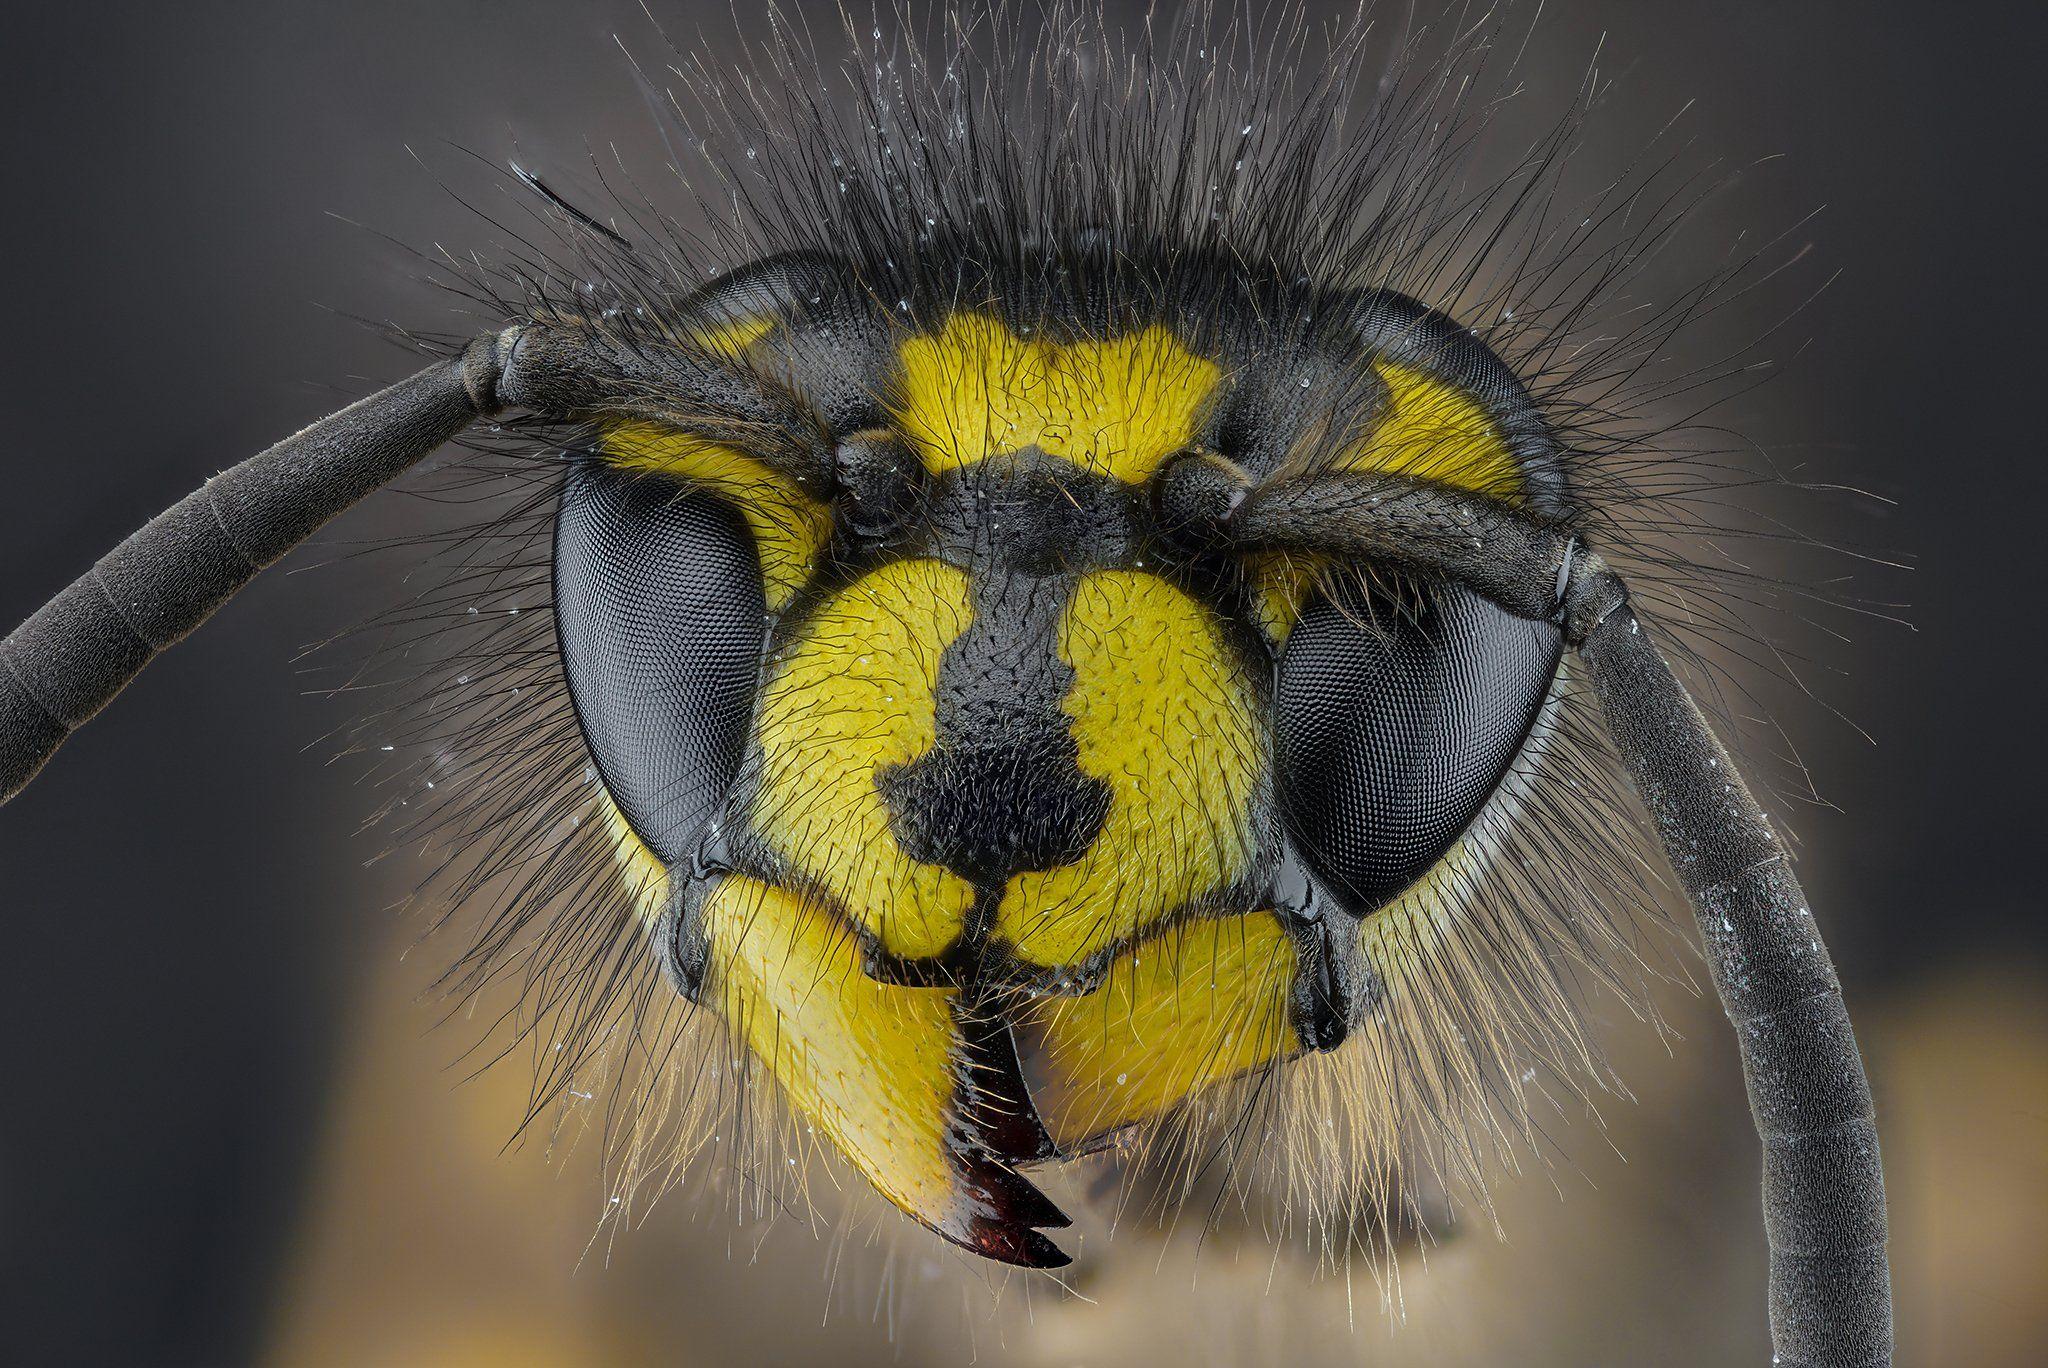 оса, насекомое, макро, супермакро, стекинг, Борис Фотомания